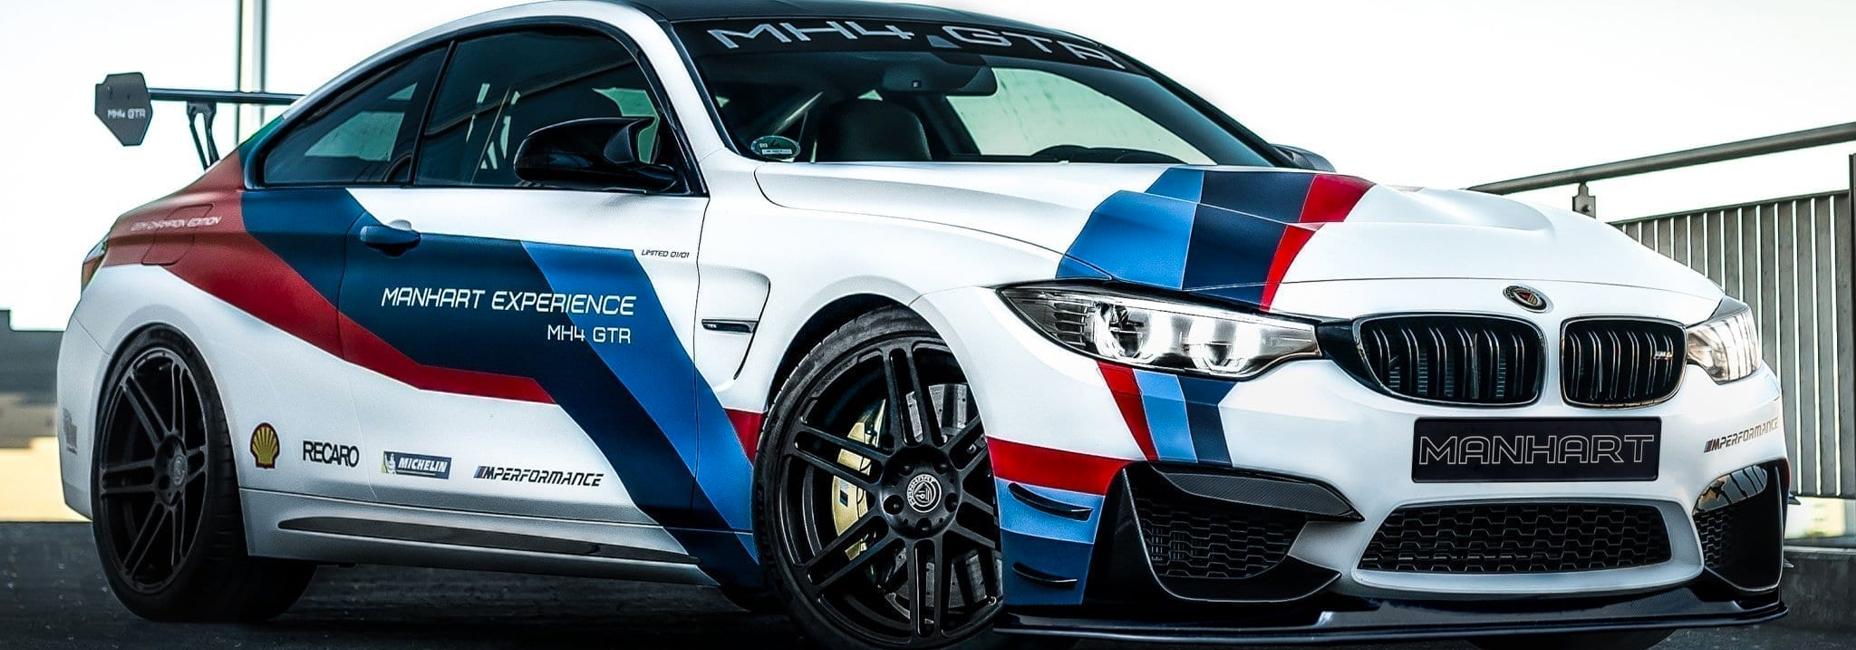 Manhart presenta un BMW M4 mucho más poderoso y exclusivo